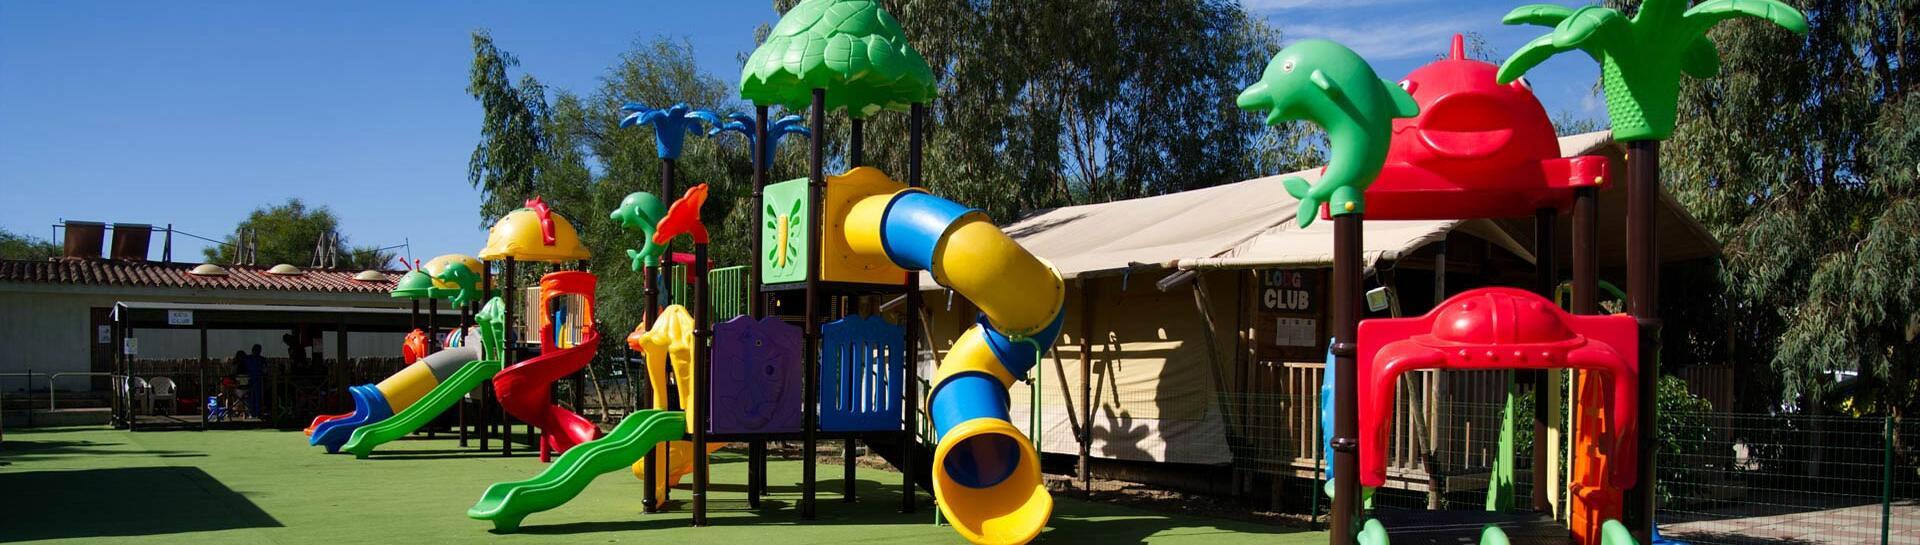 4mori en children-camping-resort-muravera 014